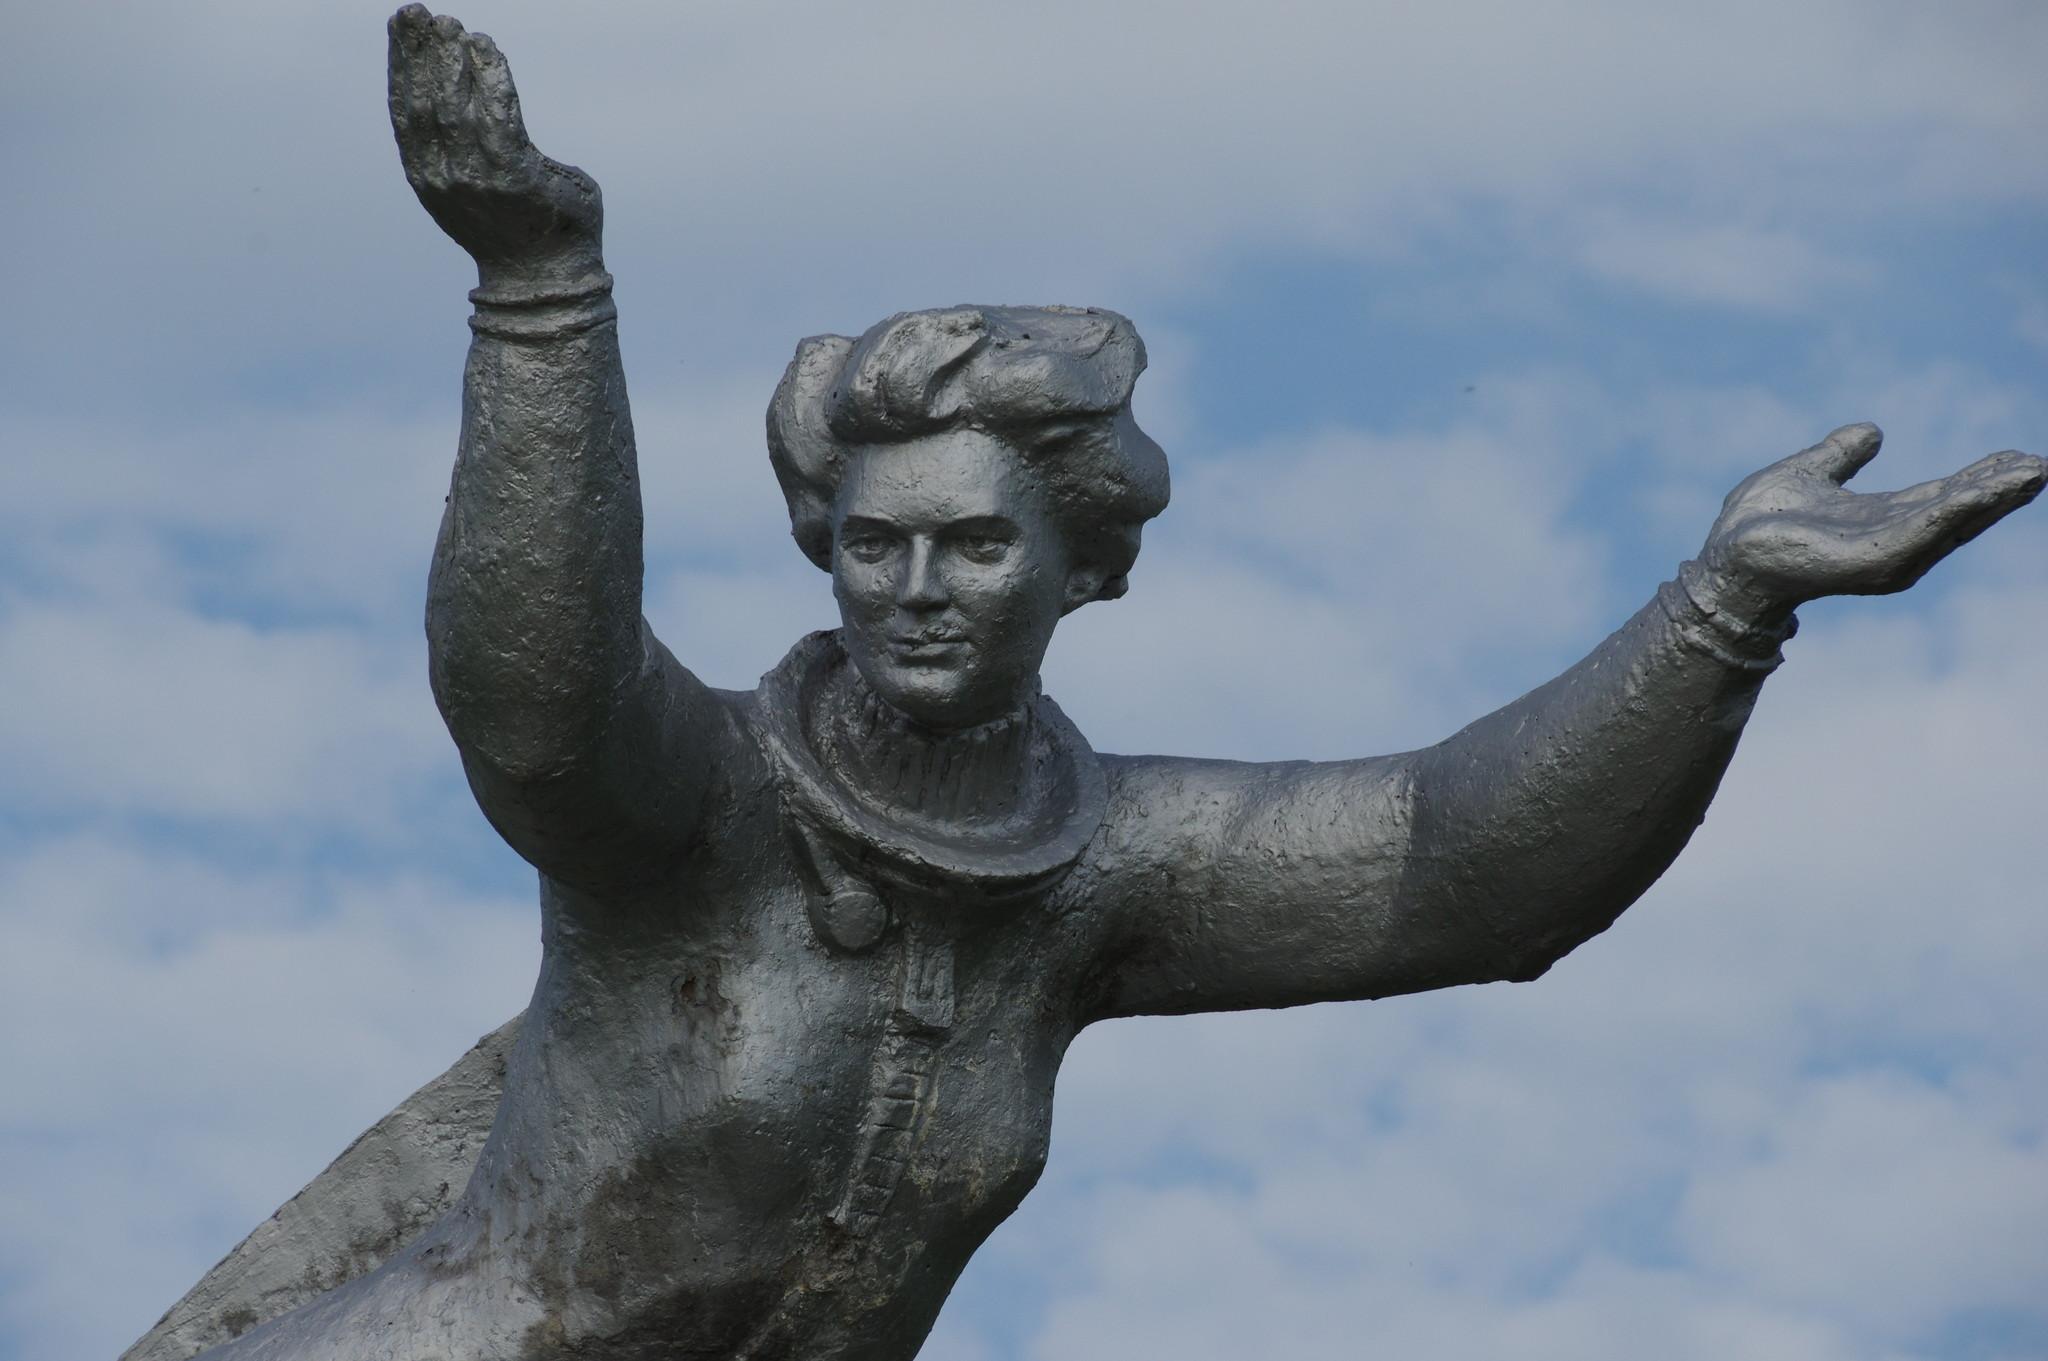 Памятник Валентине Терешковой в Баевском районе Алтайского края неподалёку от места приземления первой женщины-космонавта